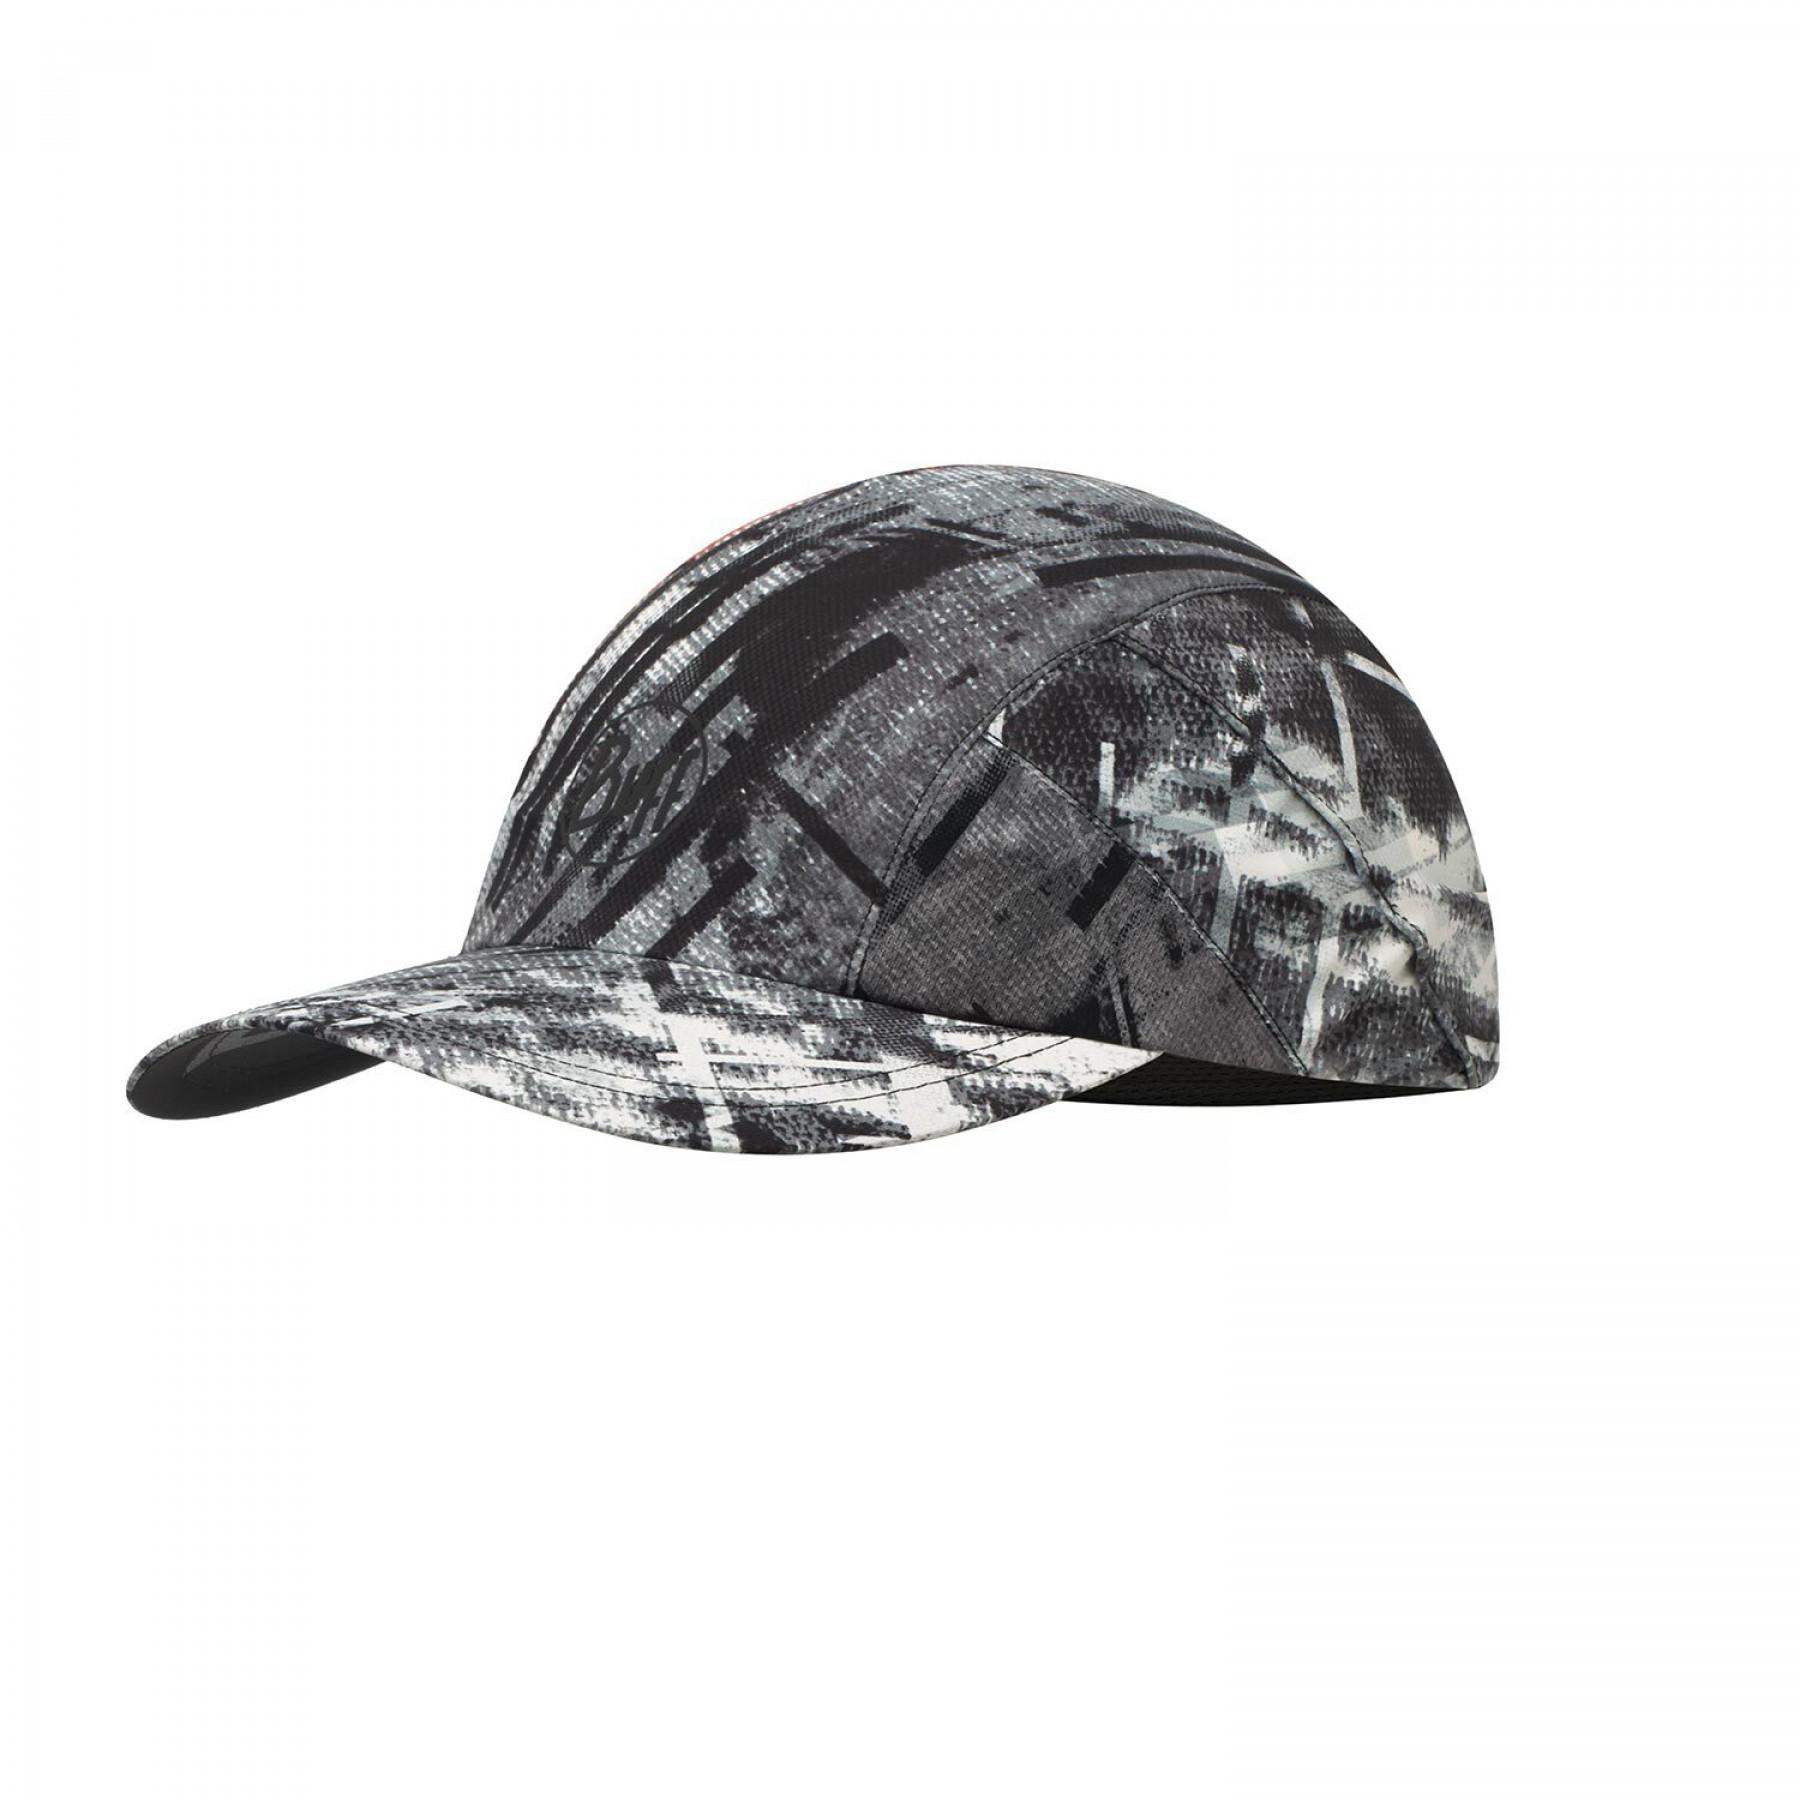 Cap Buff pro run r-city jungle grey